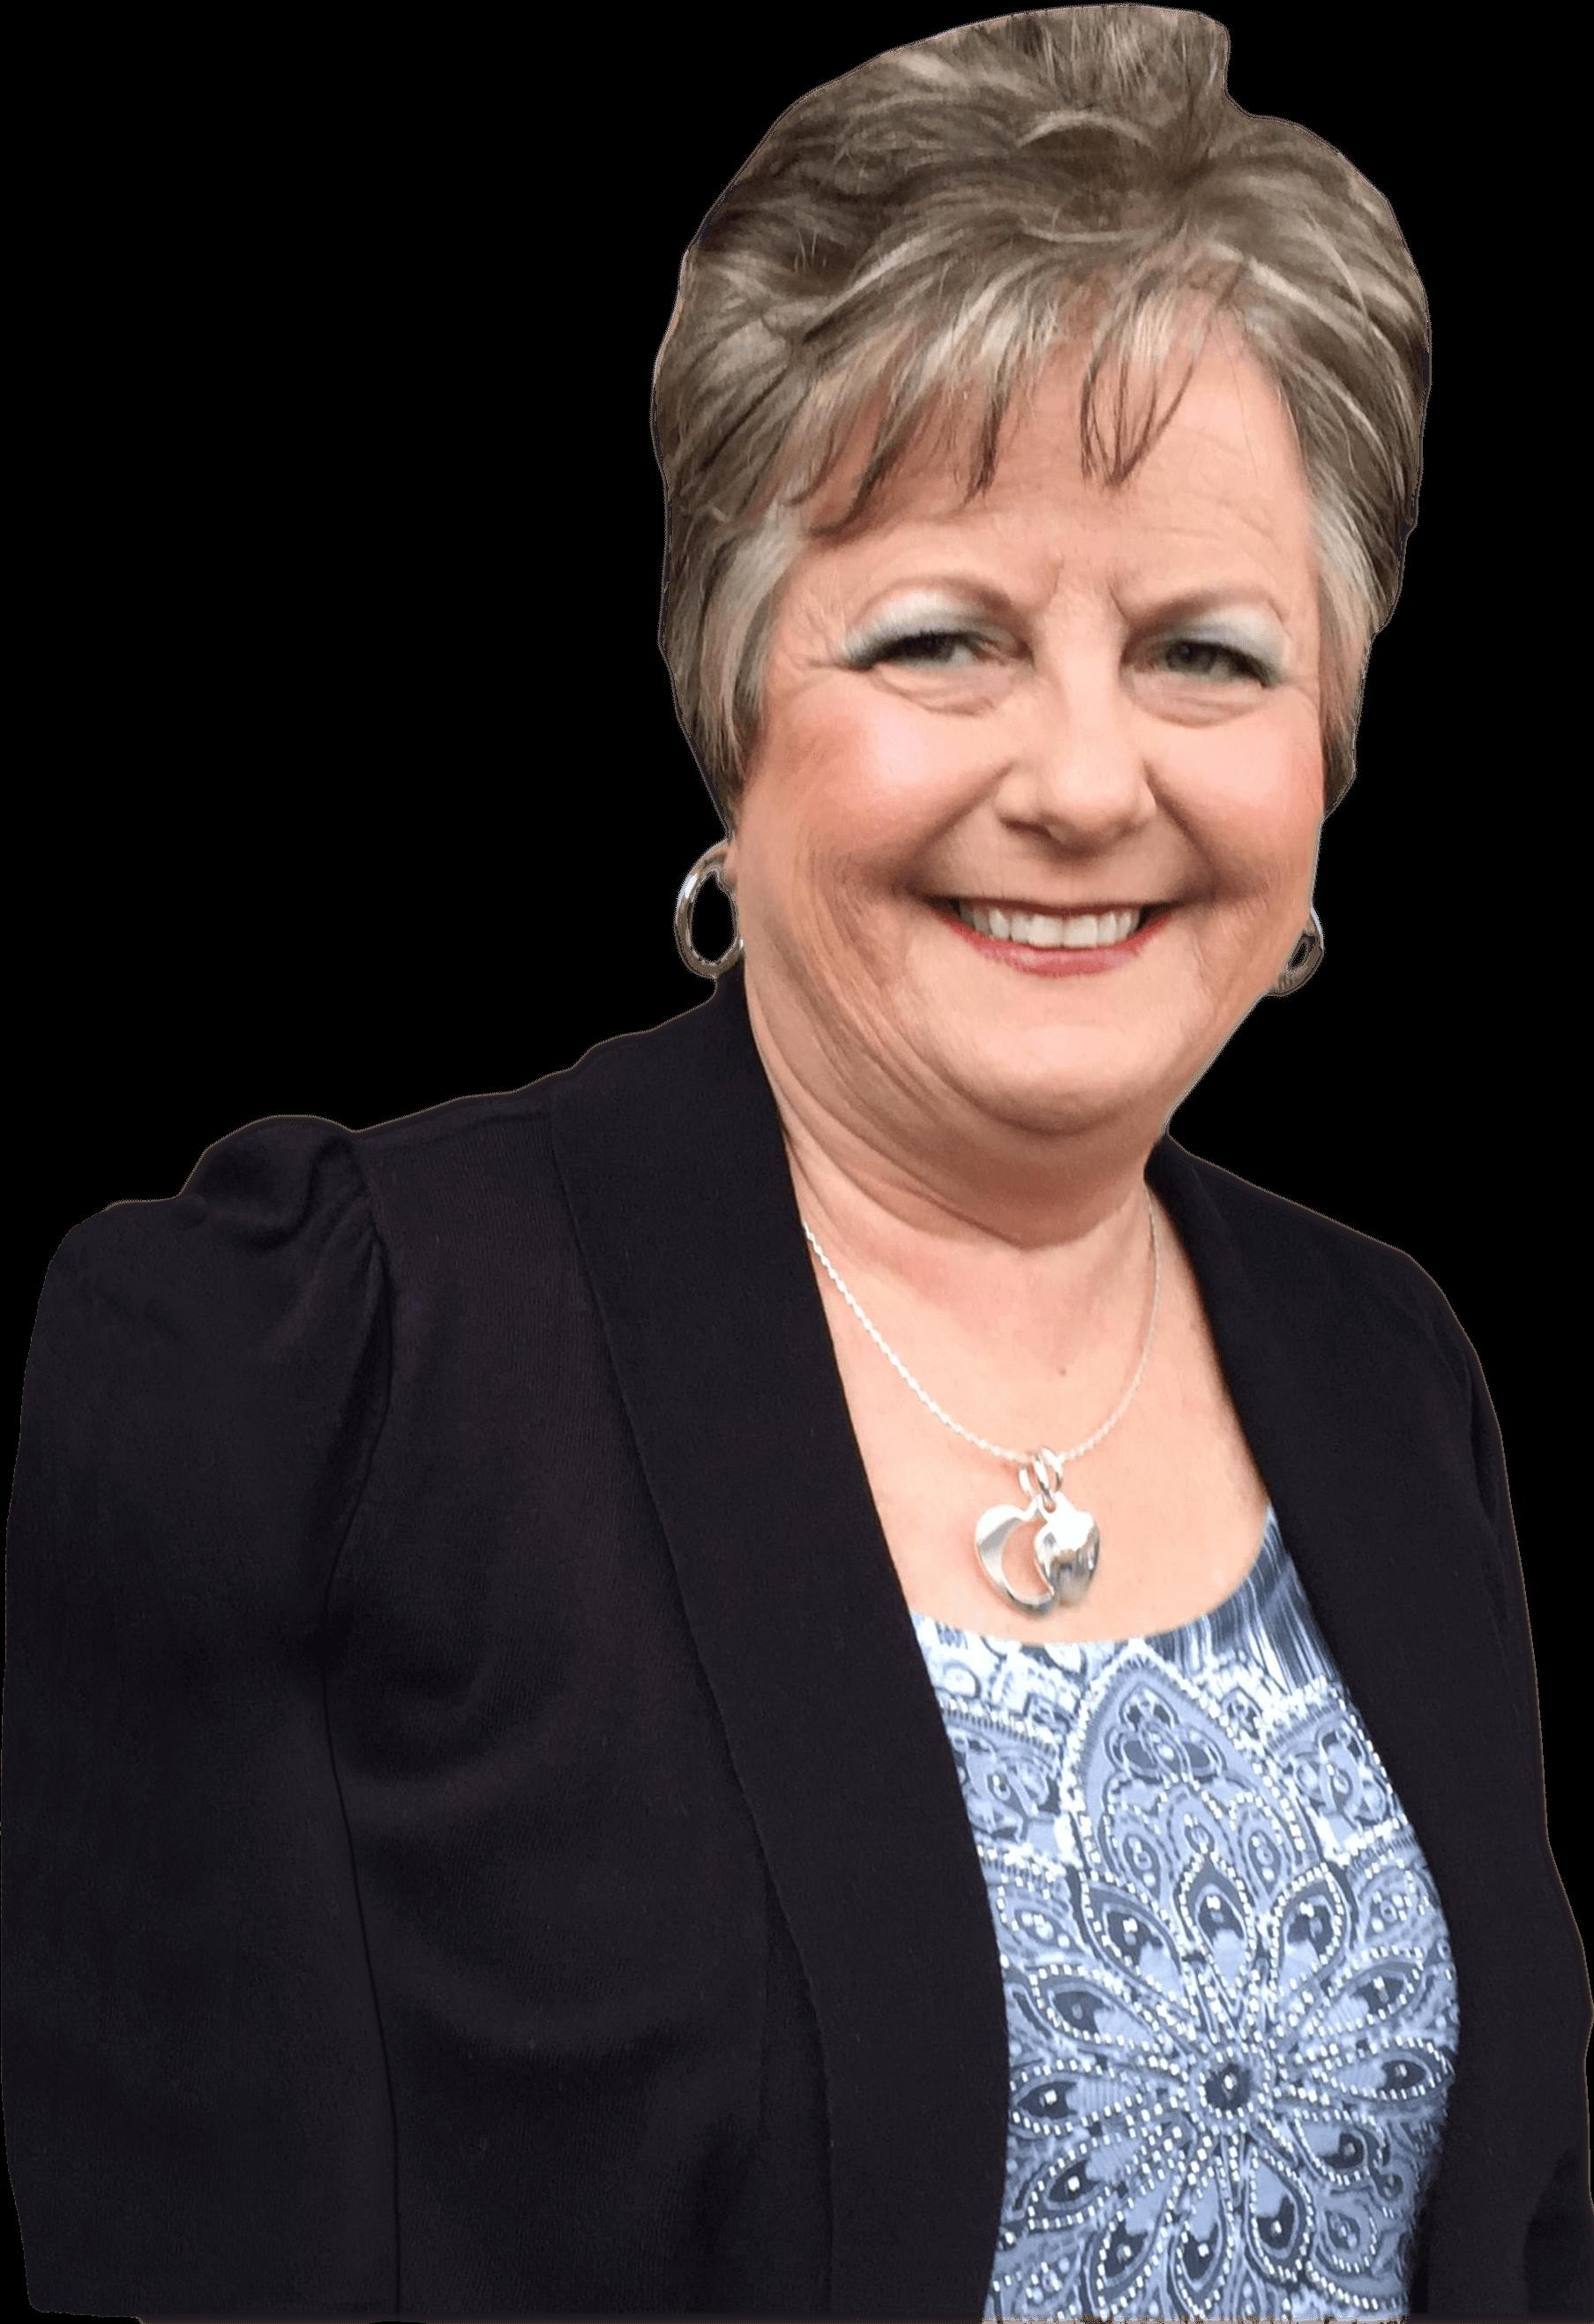 Janet Putman, Hempkins Insurance Client